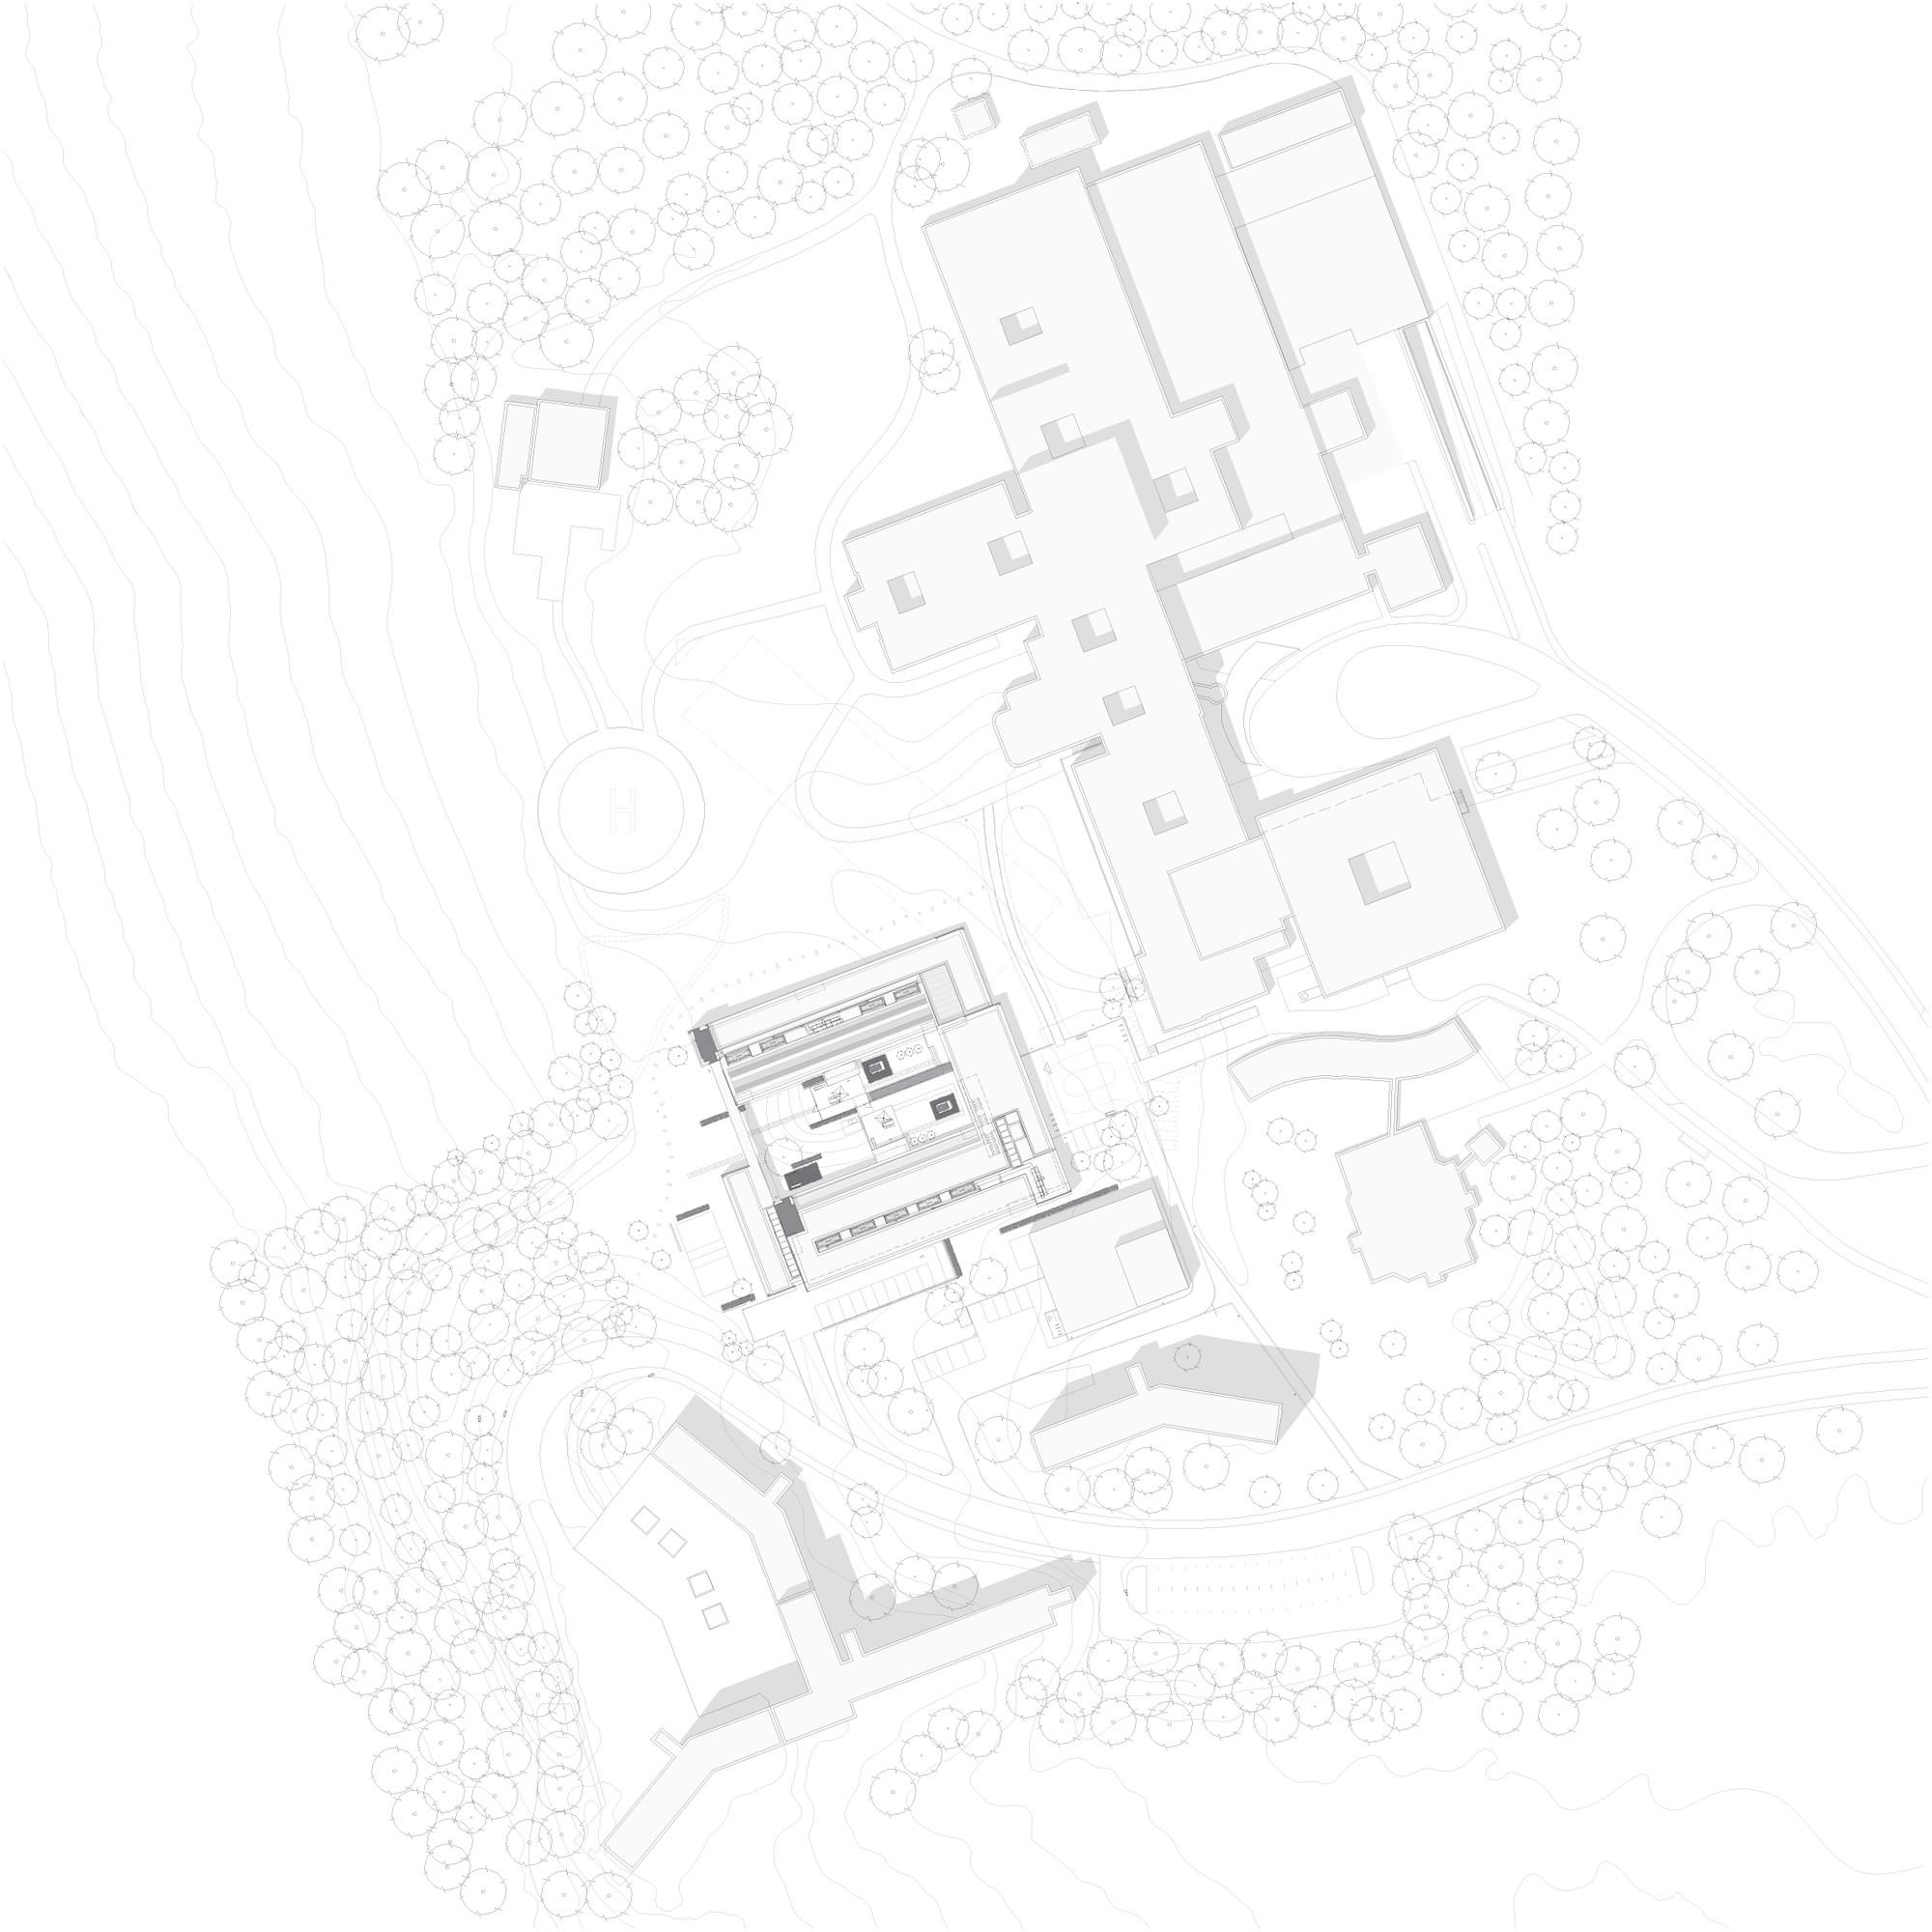 Architekten Friedrichshafen gallery of psychiatric centre friedrichshafen huber staudt